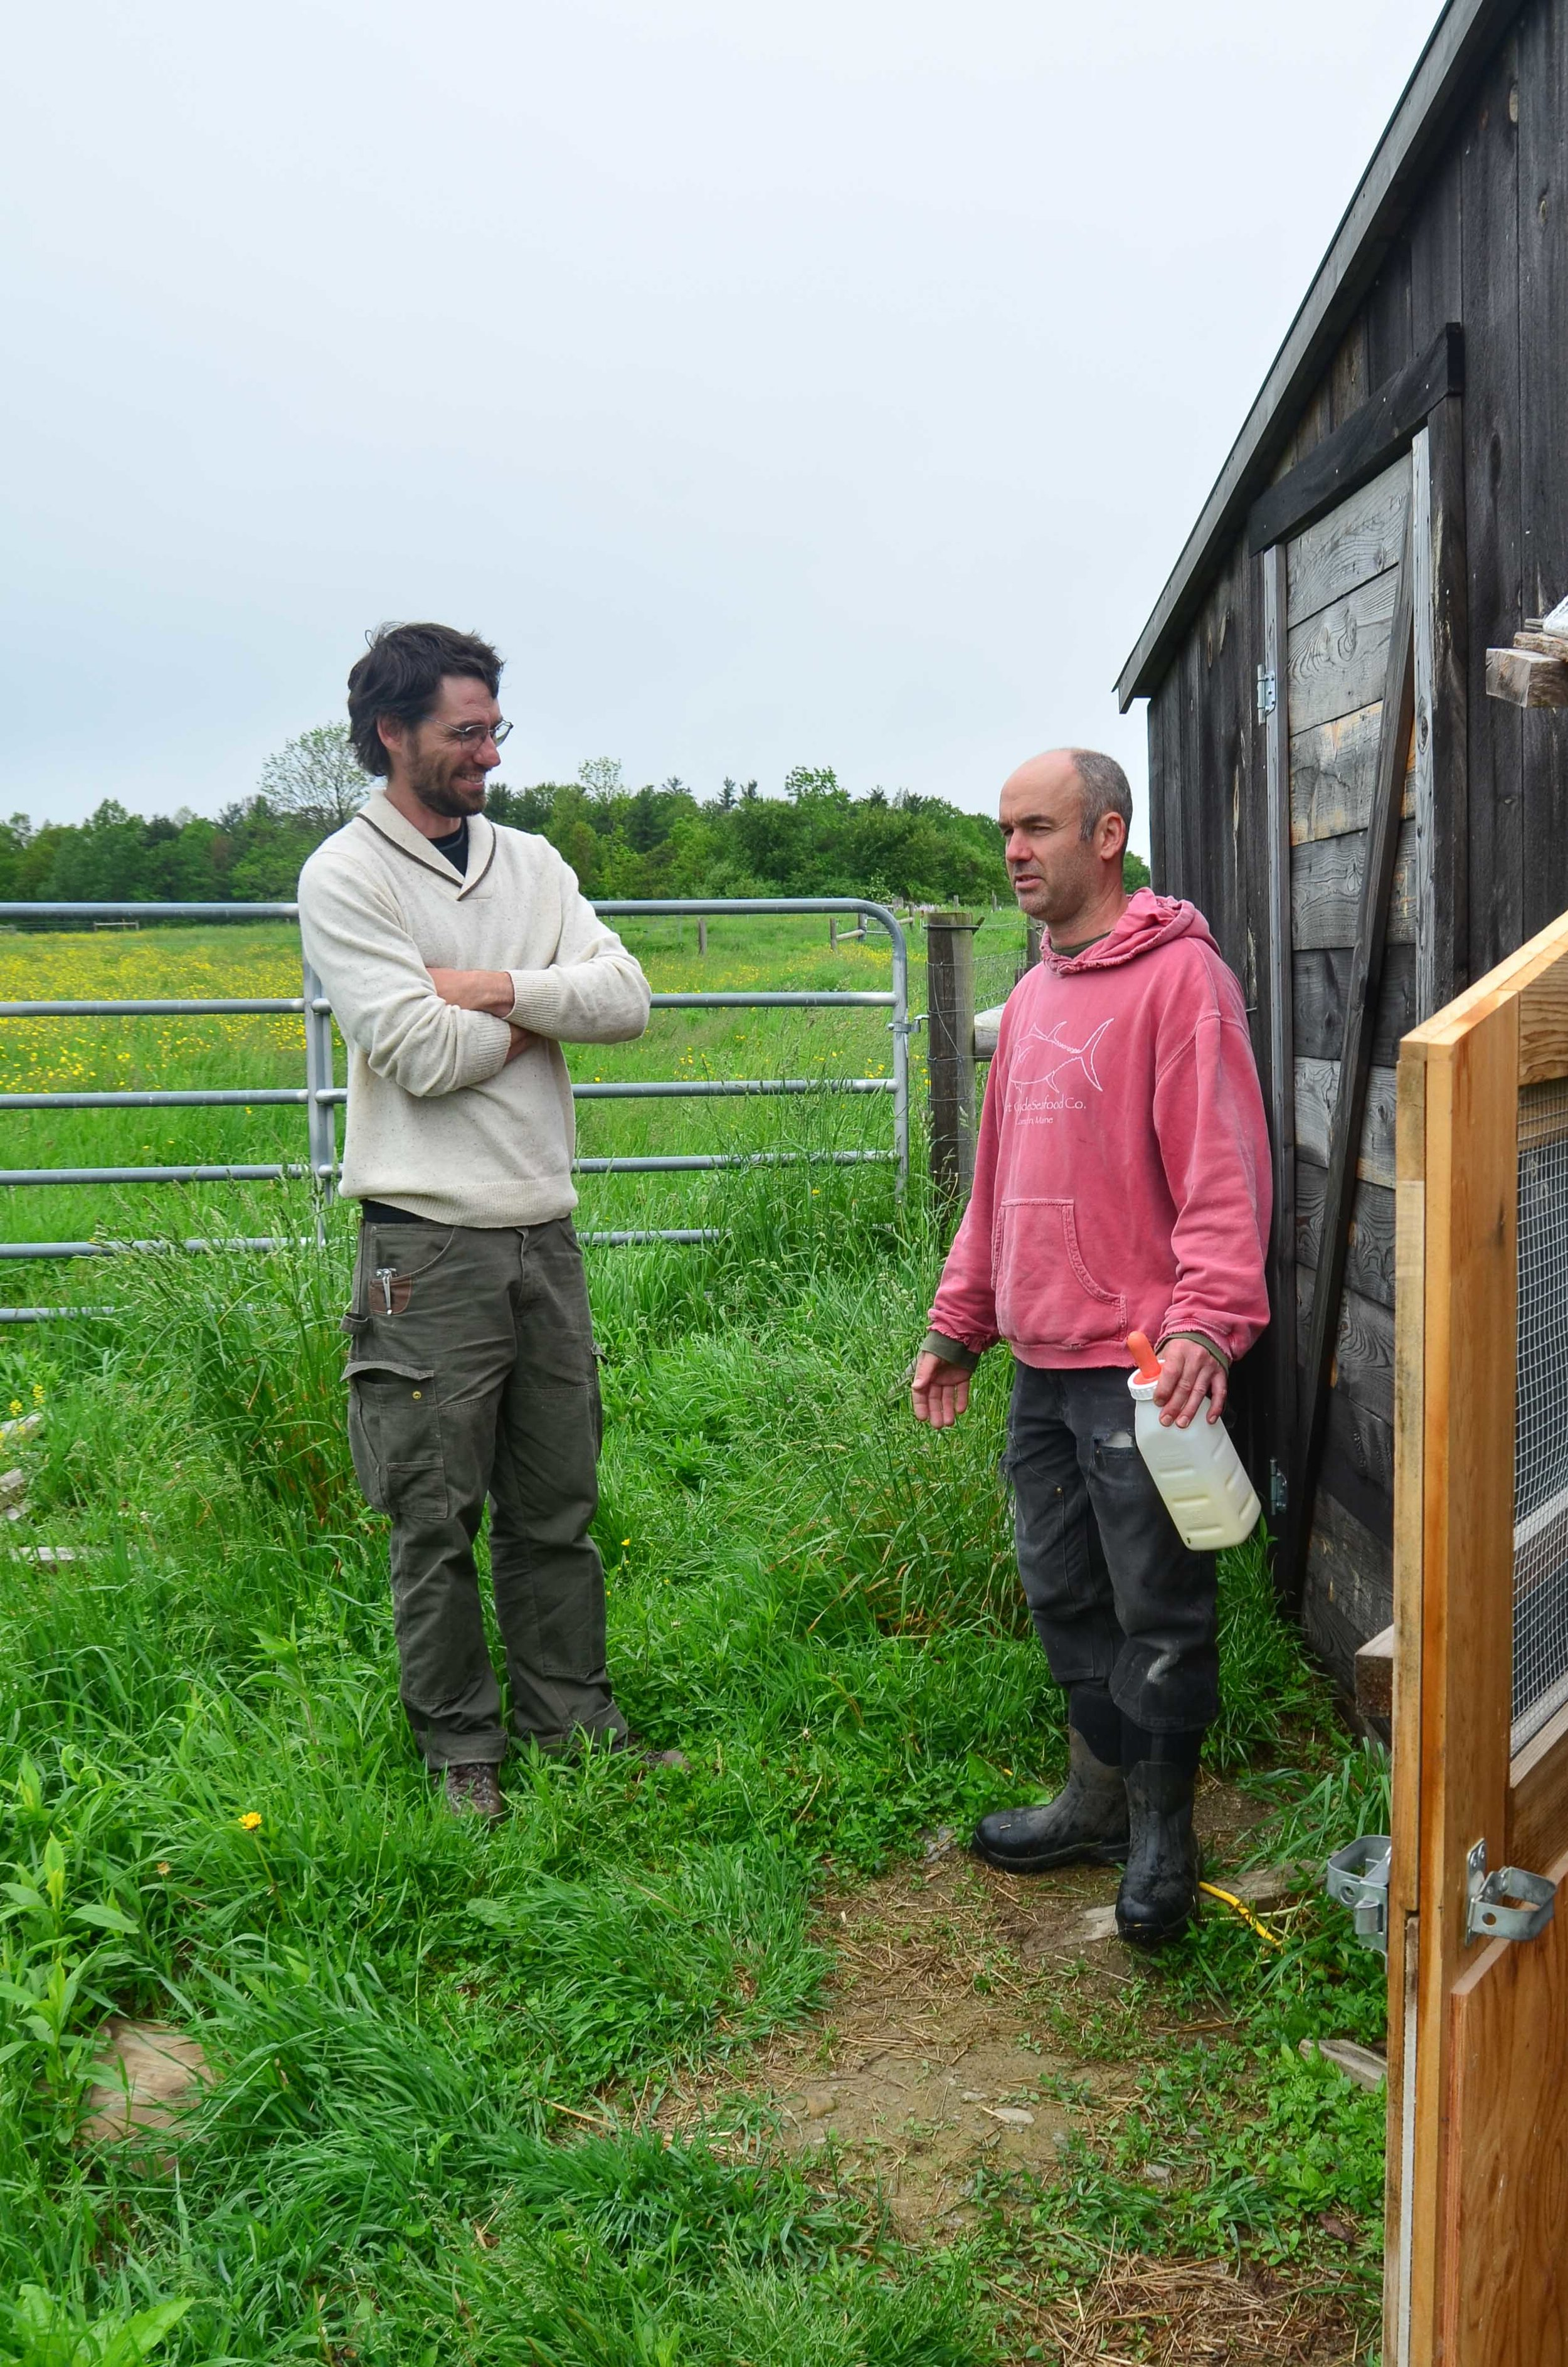 Brendan and Jeb doing Farm talk